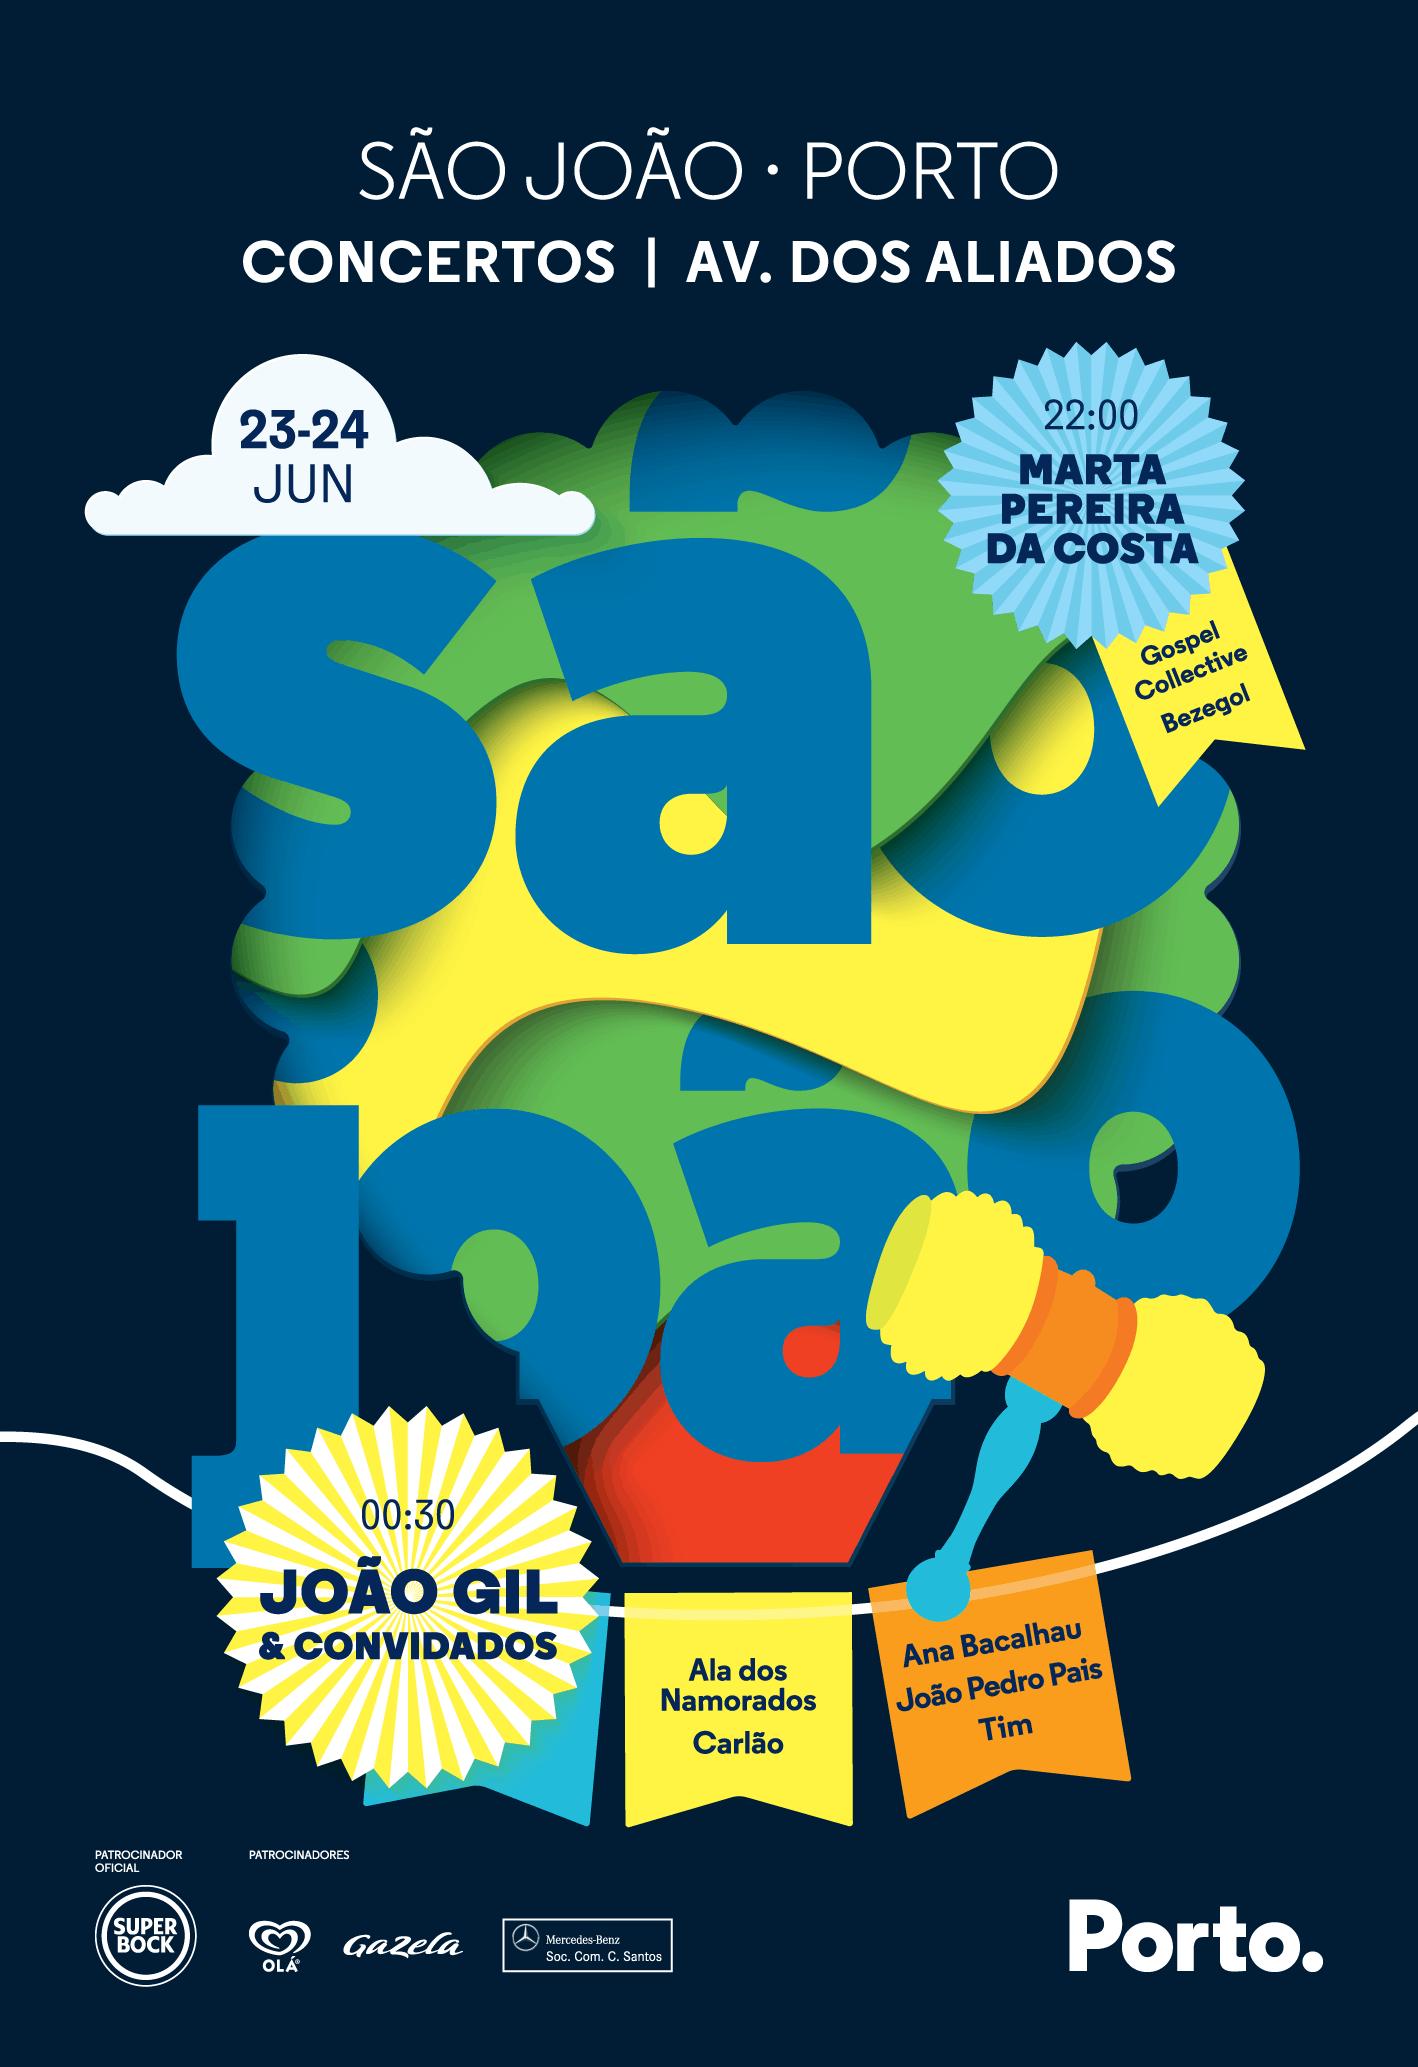 SÃO JOÃO PORTO 2019 – MARTA PEREIRA DA COSTA E JOÃO GIL NOS ALIADOS